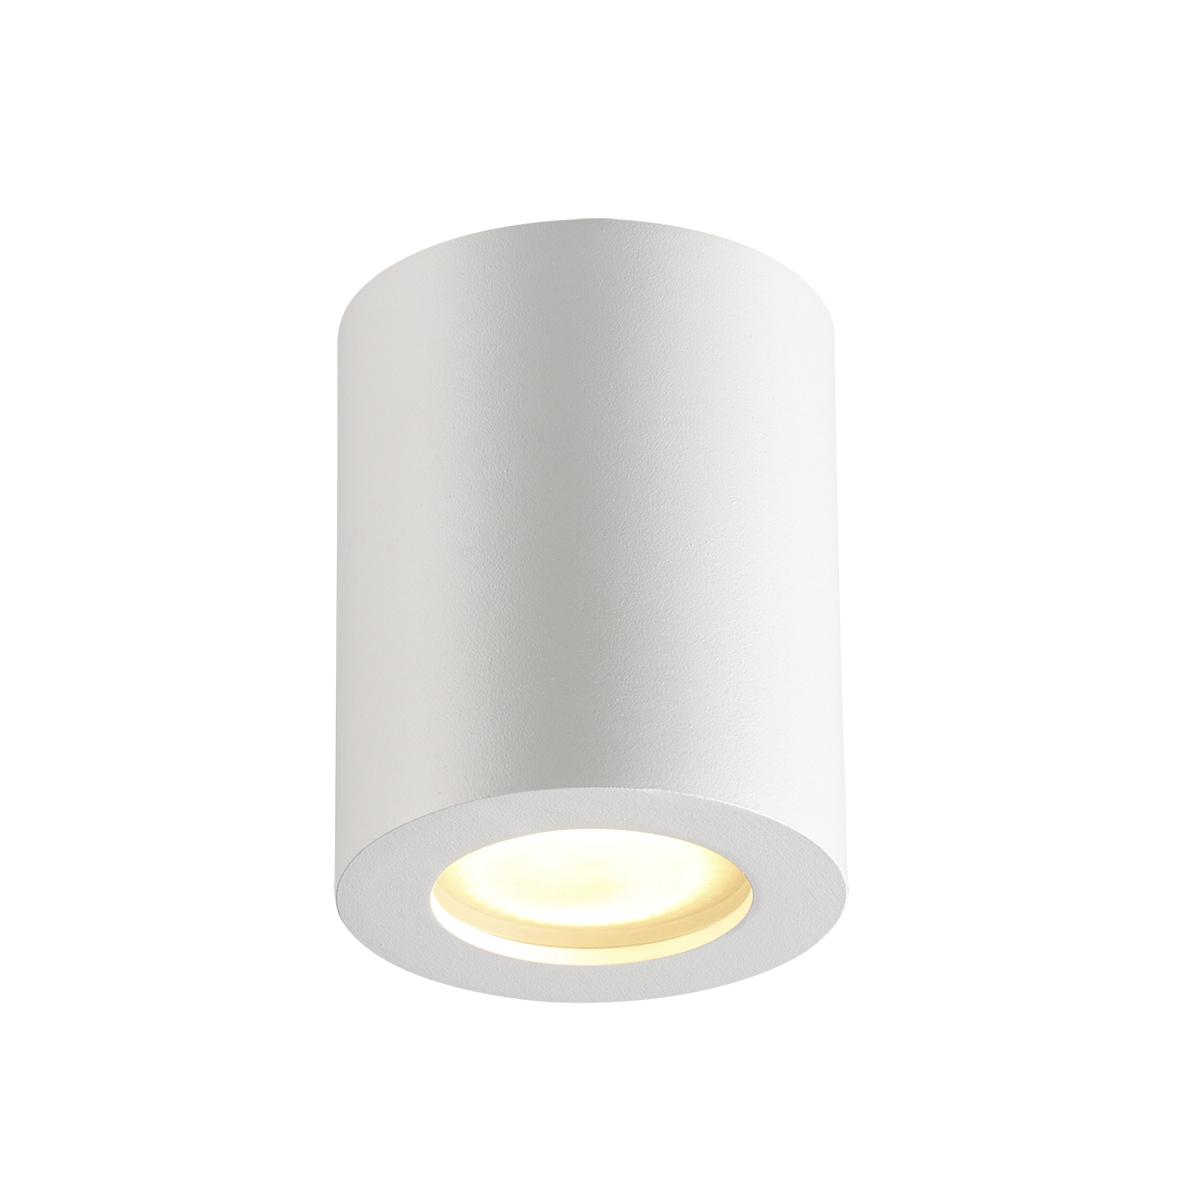 Потолочный светильник Odeon Light Hightech Aquana 3571/1C, IP44, 1xGU10x50W, белый, металл, стекло - фото 1